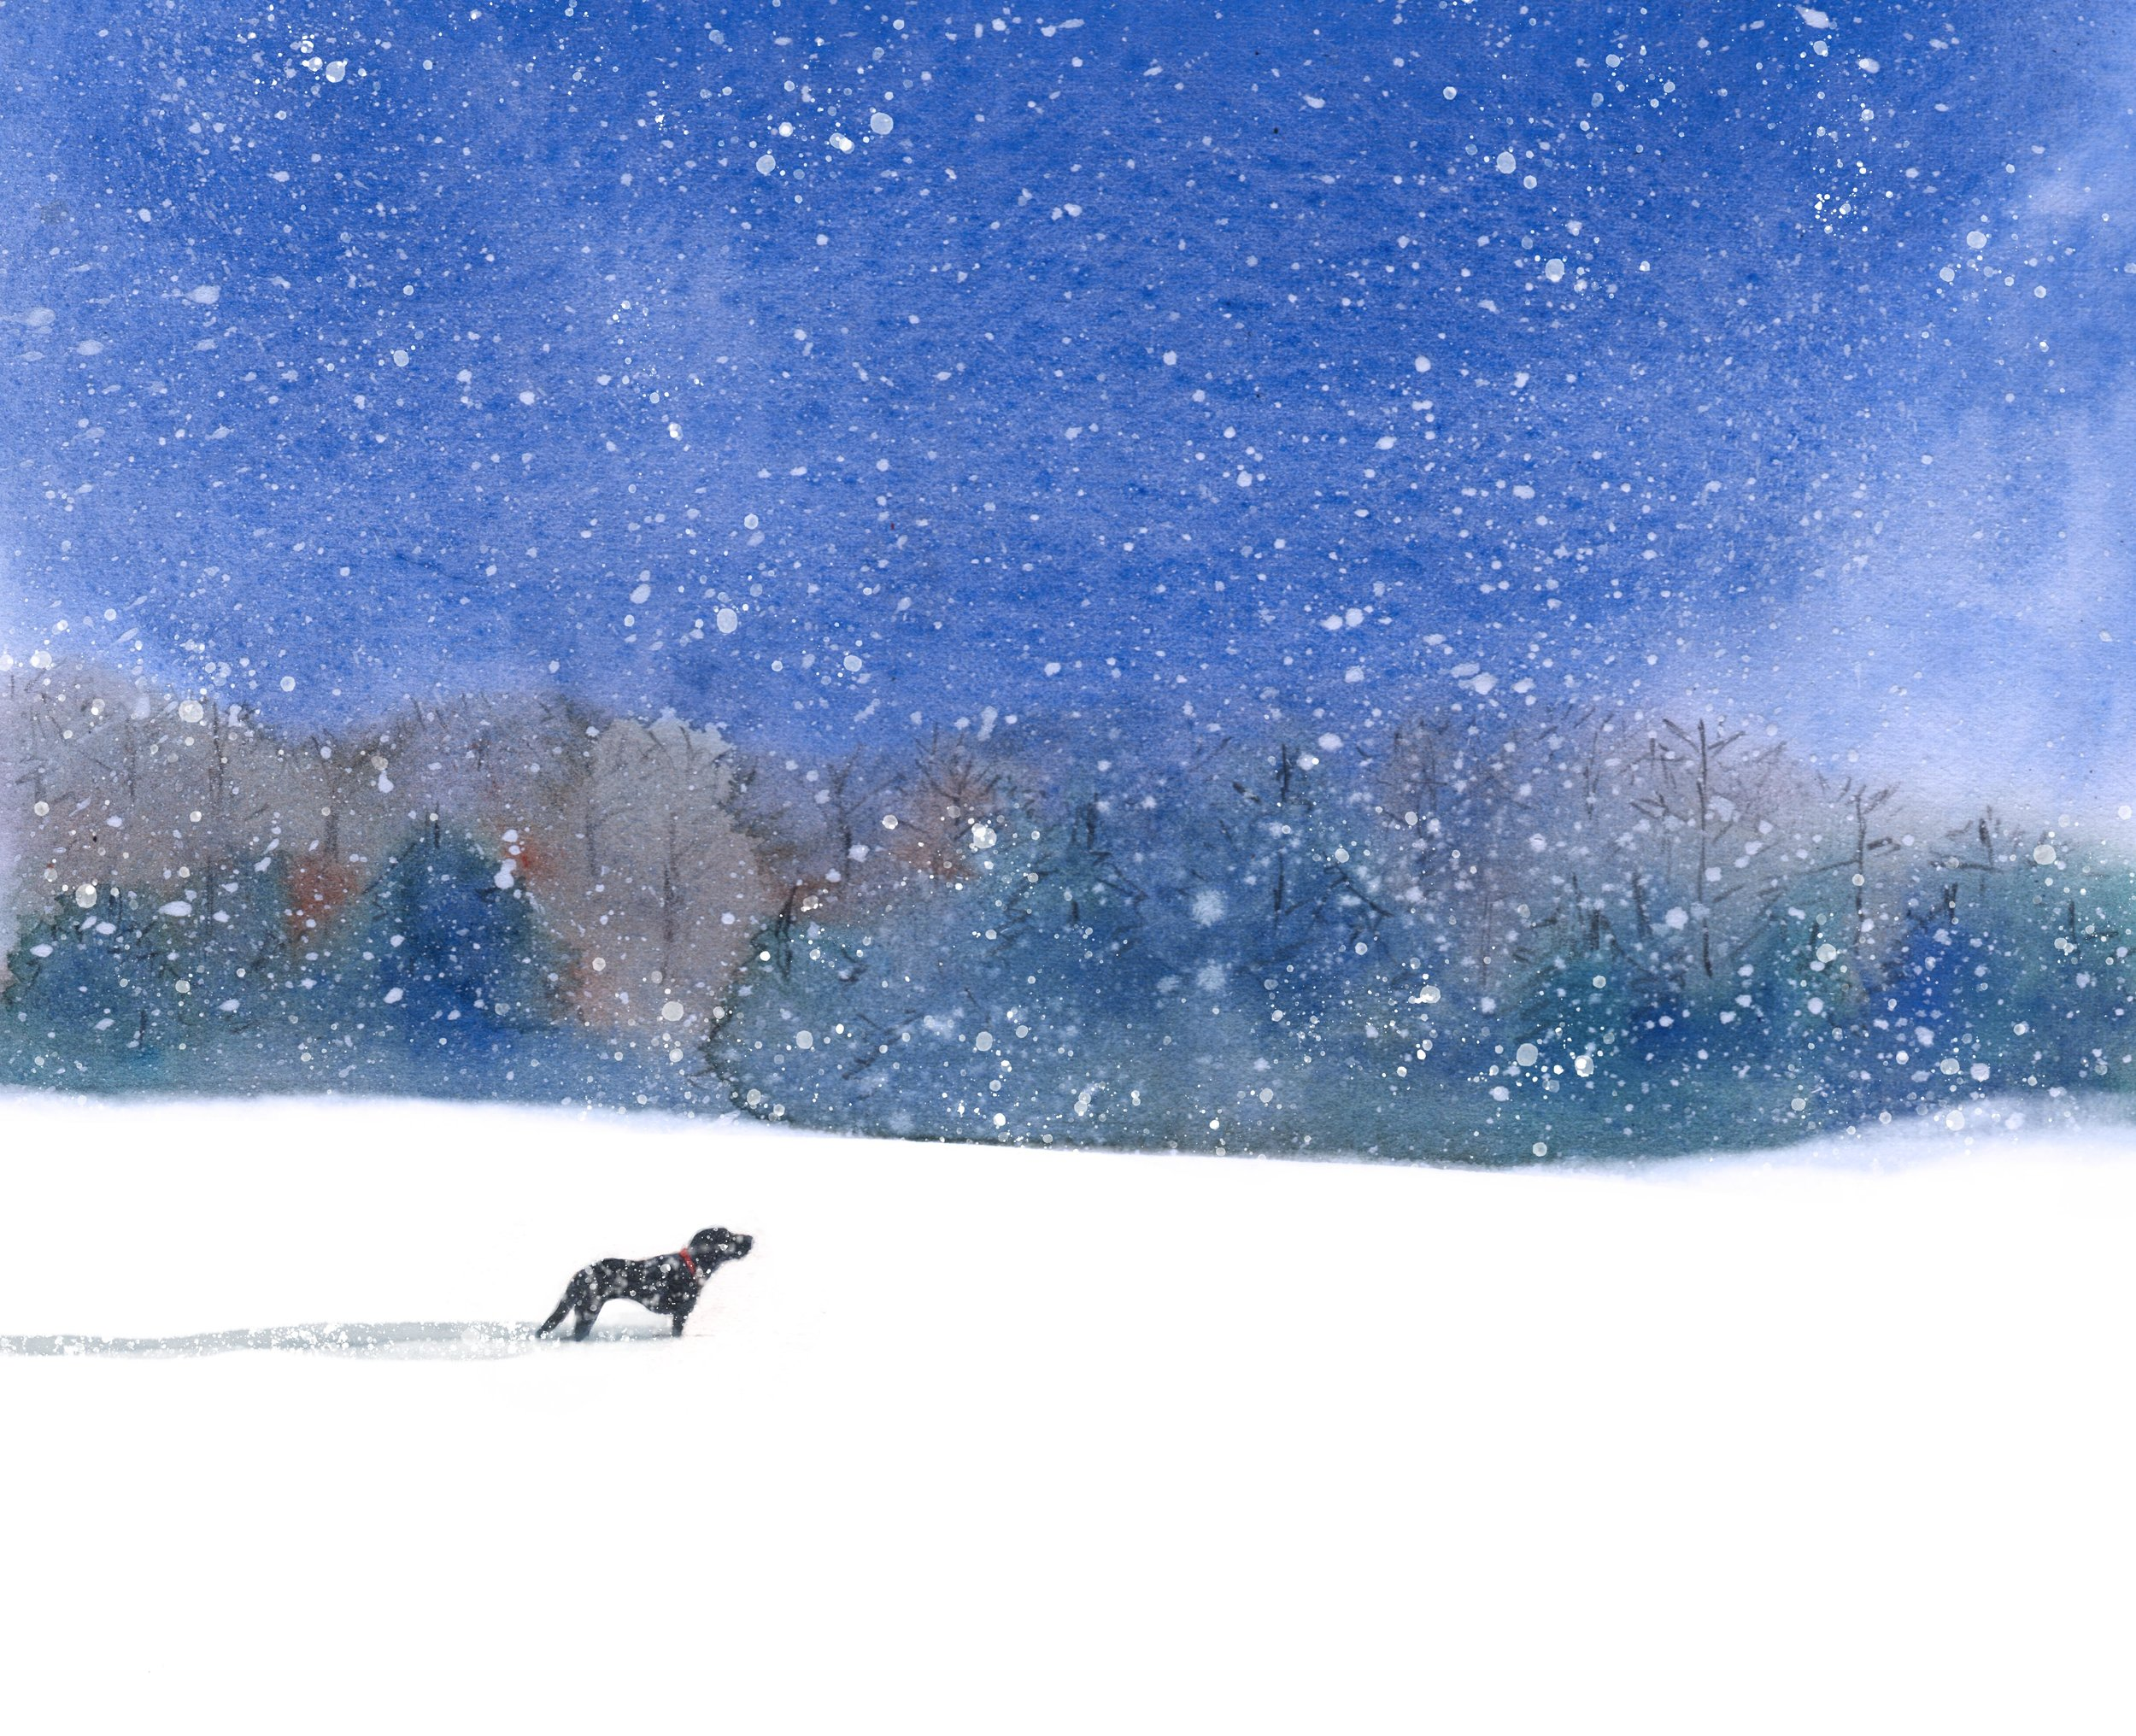 calvin in snow nov28almost5psd.jpg